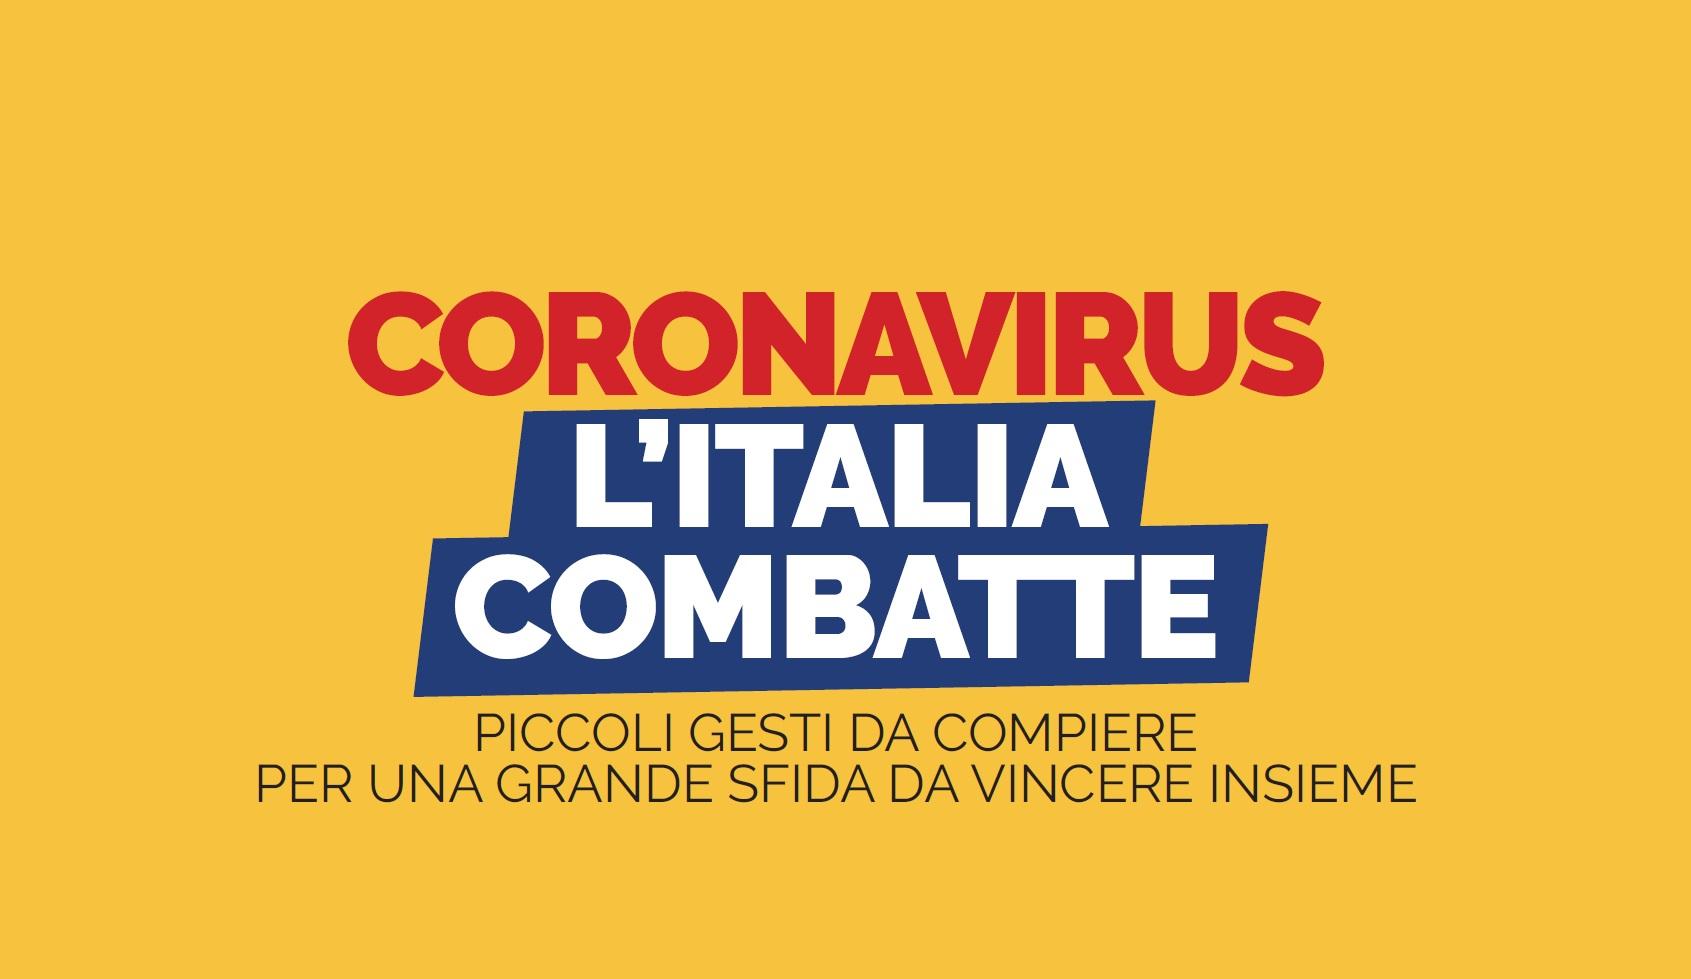 CoViD-19: notizia aggiornata (09/03)